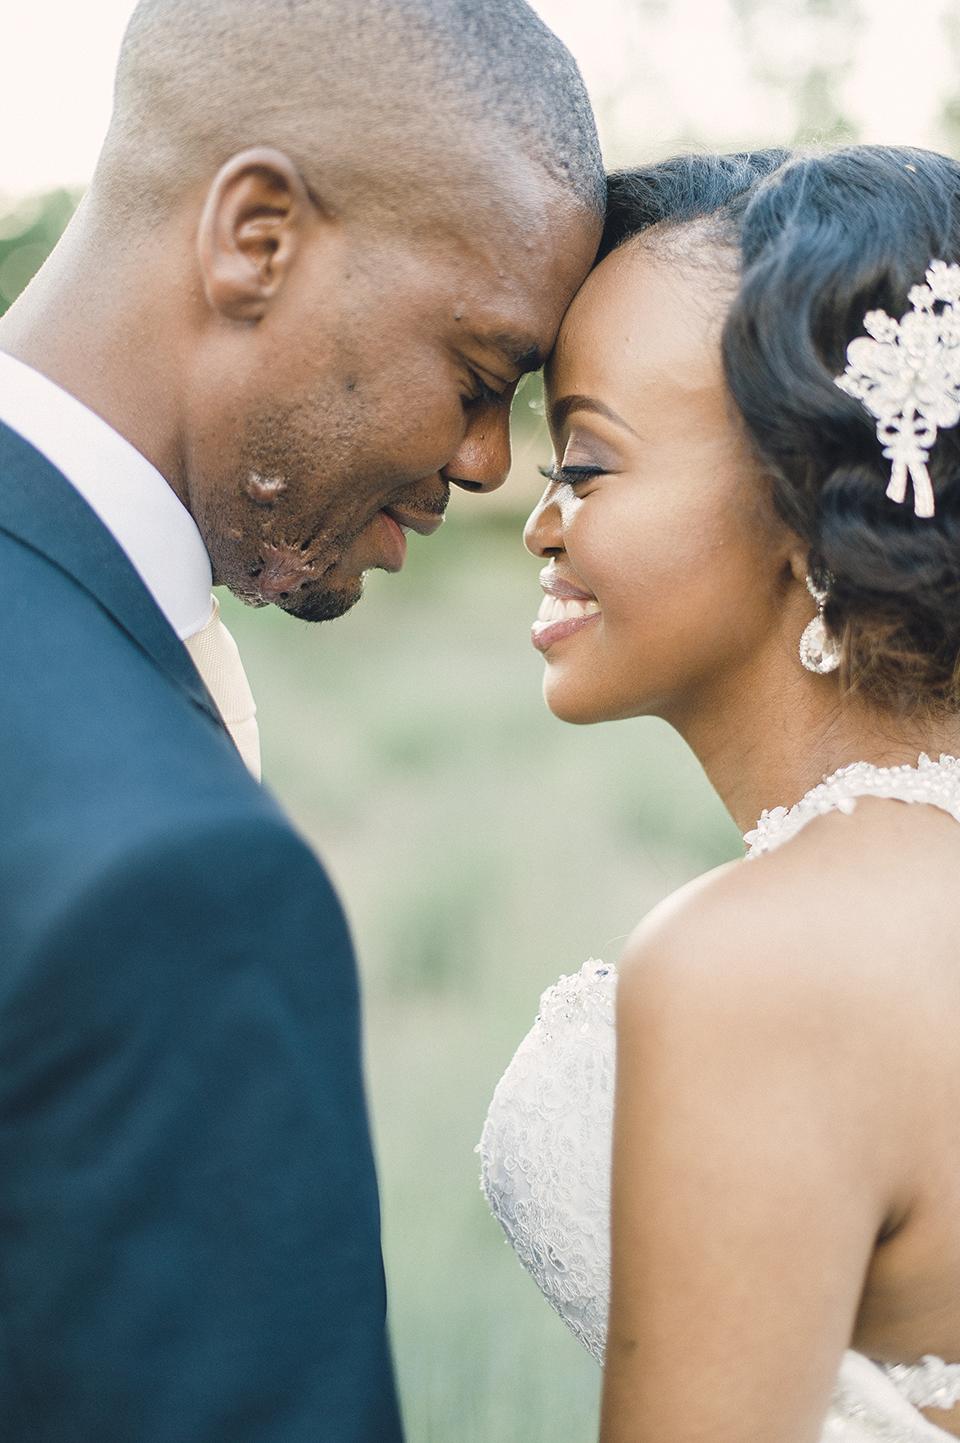 RyanParker_WeddingPhotographer_FineArt_CapeTown_Johannesburg_Hermanus_Avianto_T&L_DSC_9274.jpg